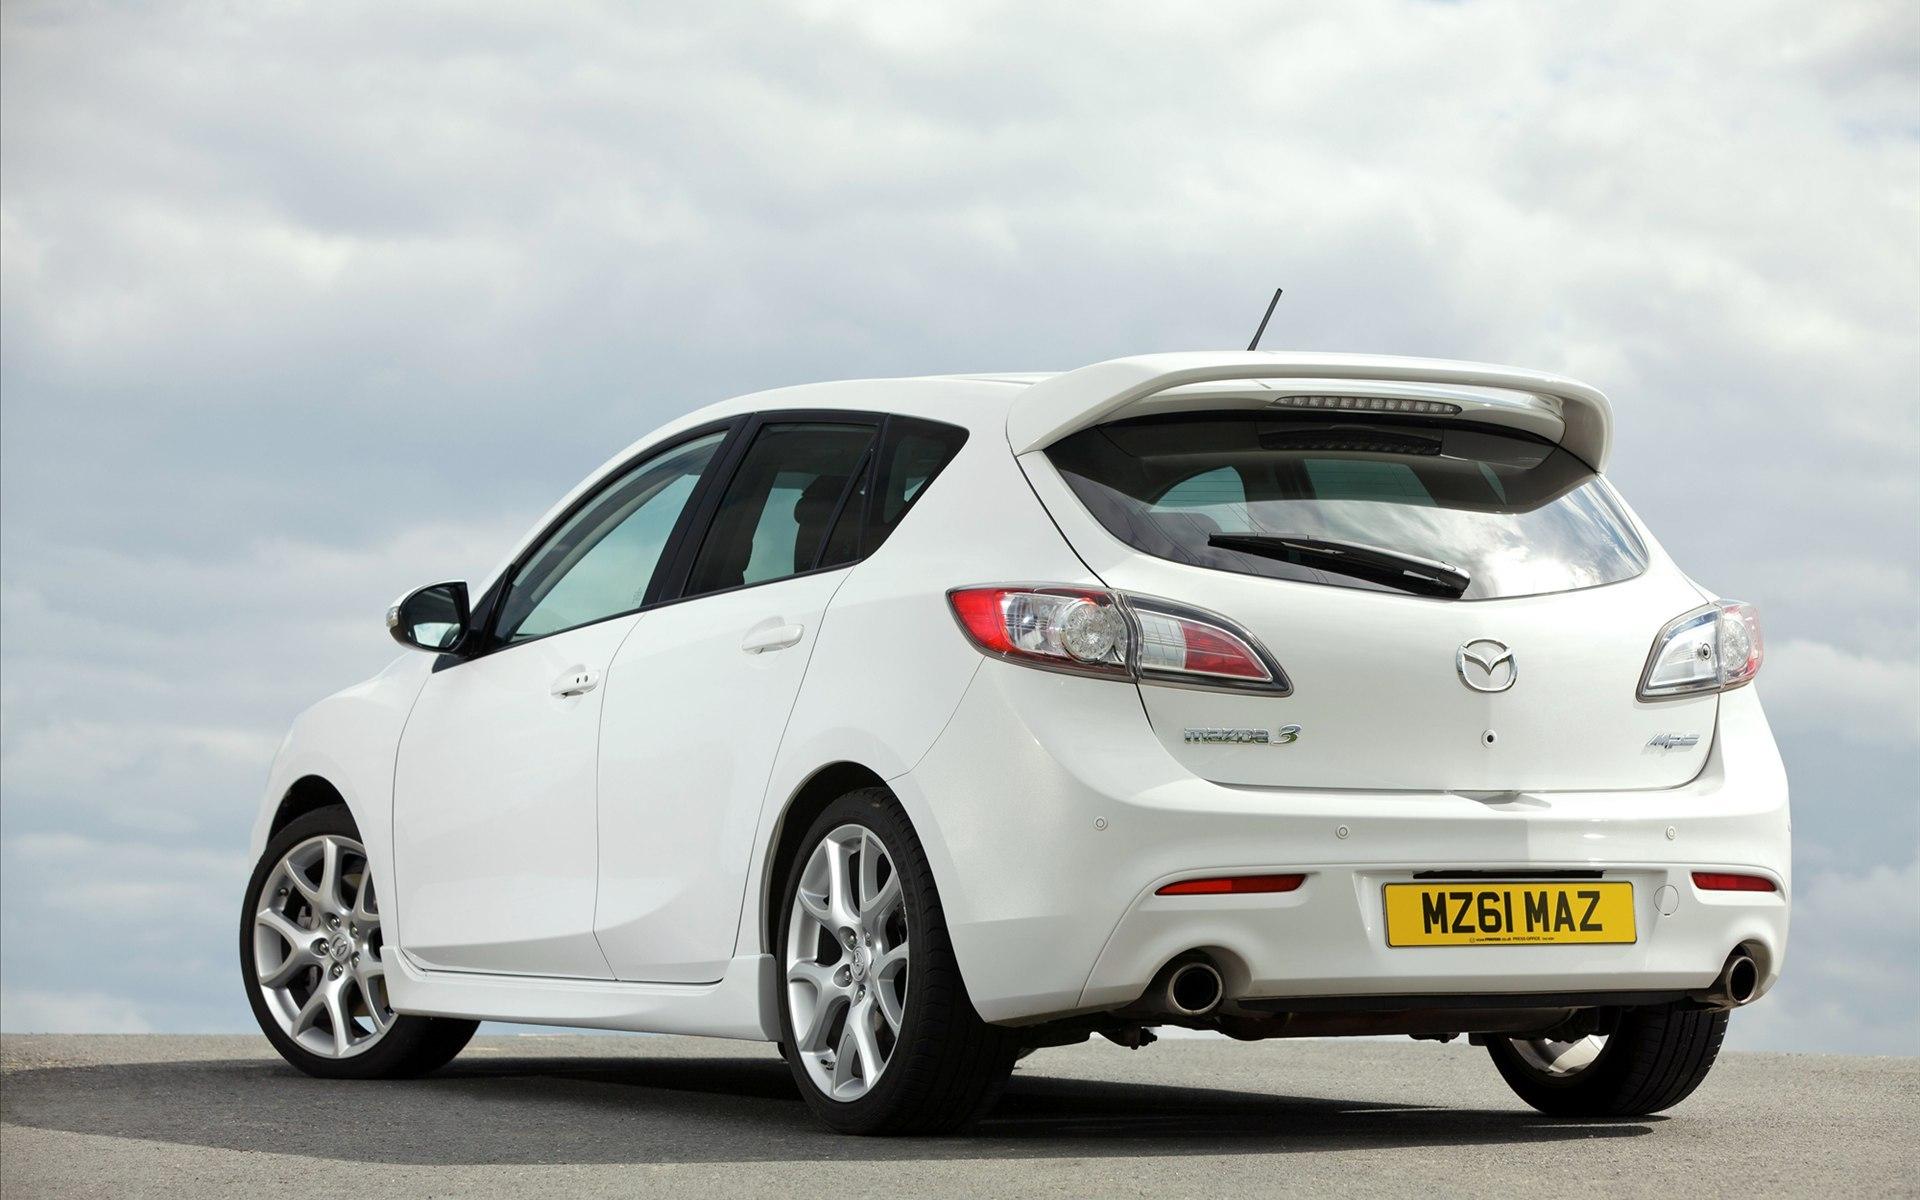 23687 скачать обои Транспорт, Машины, Мазда (Mazda) - заставки и картинки бесплатно